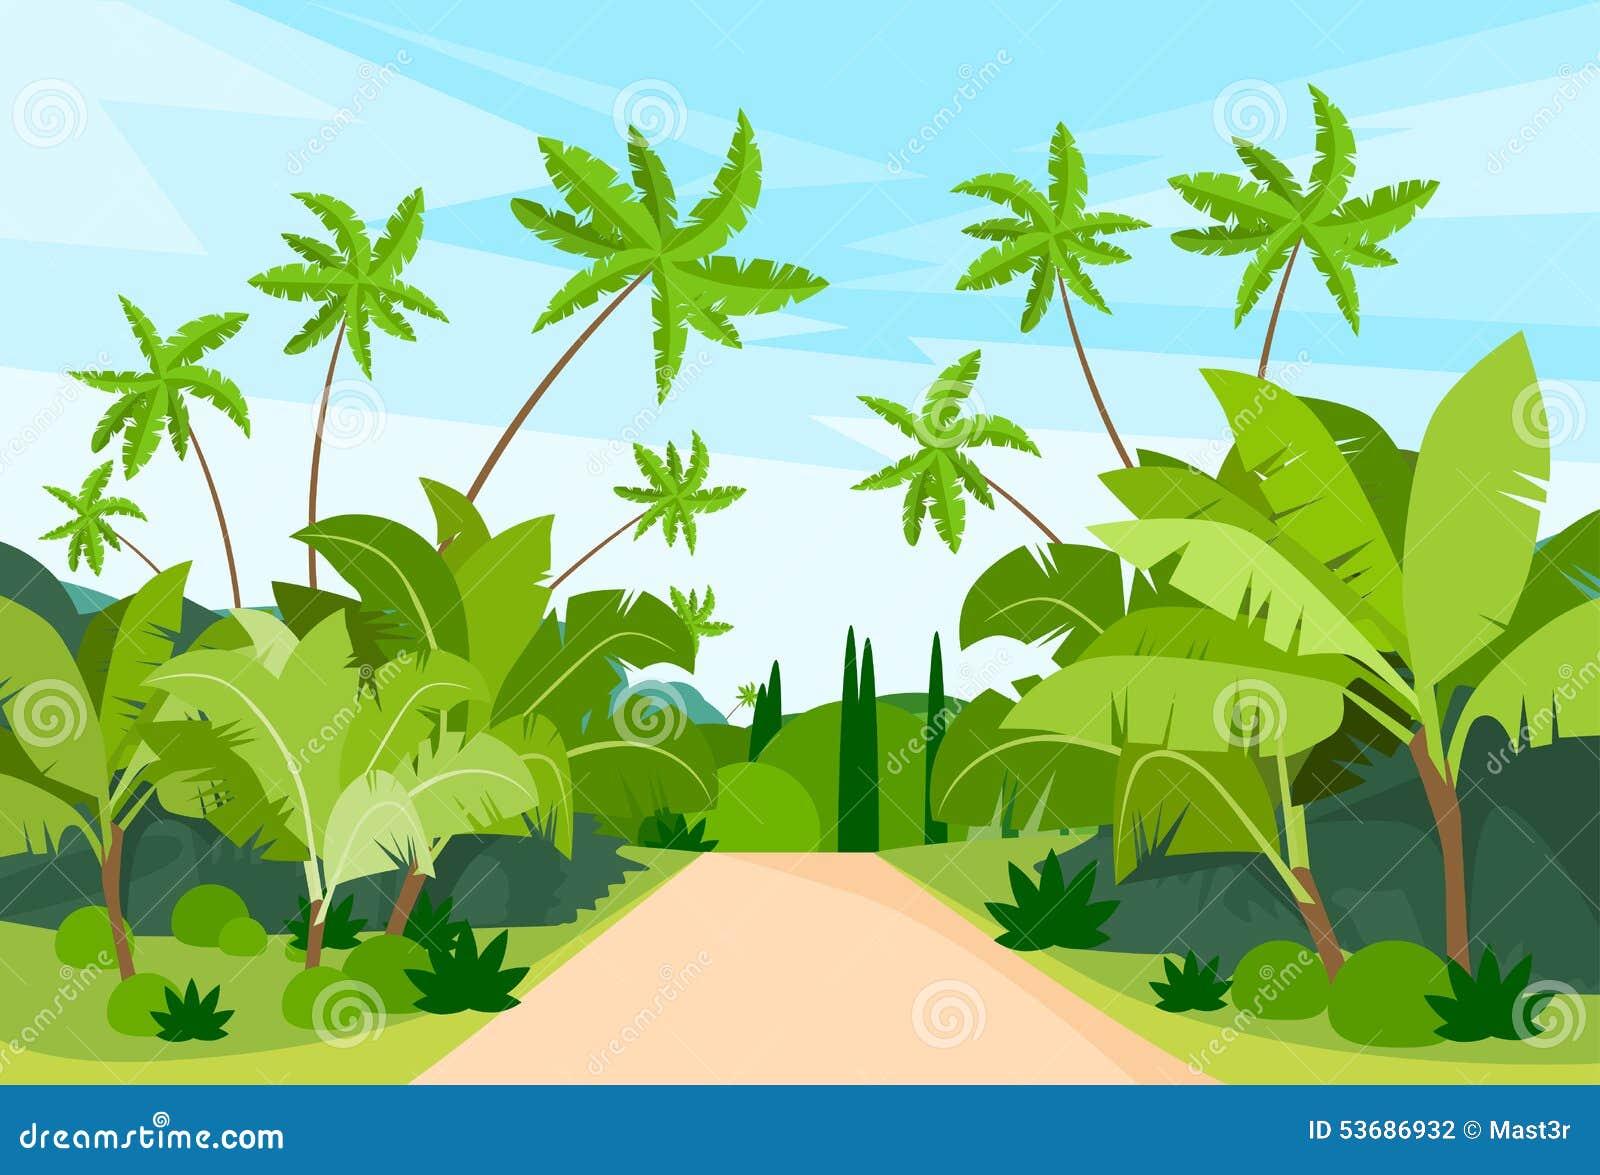 Green Ilustraciones Stock, Vectores, Y Clipart – (1,016 ...